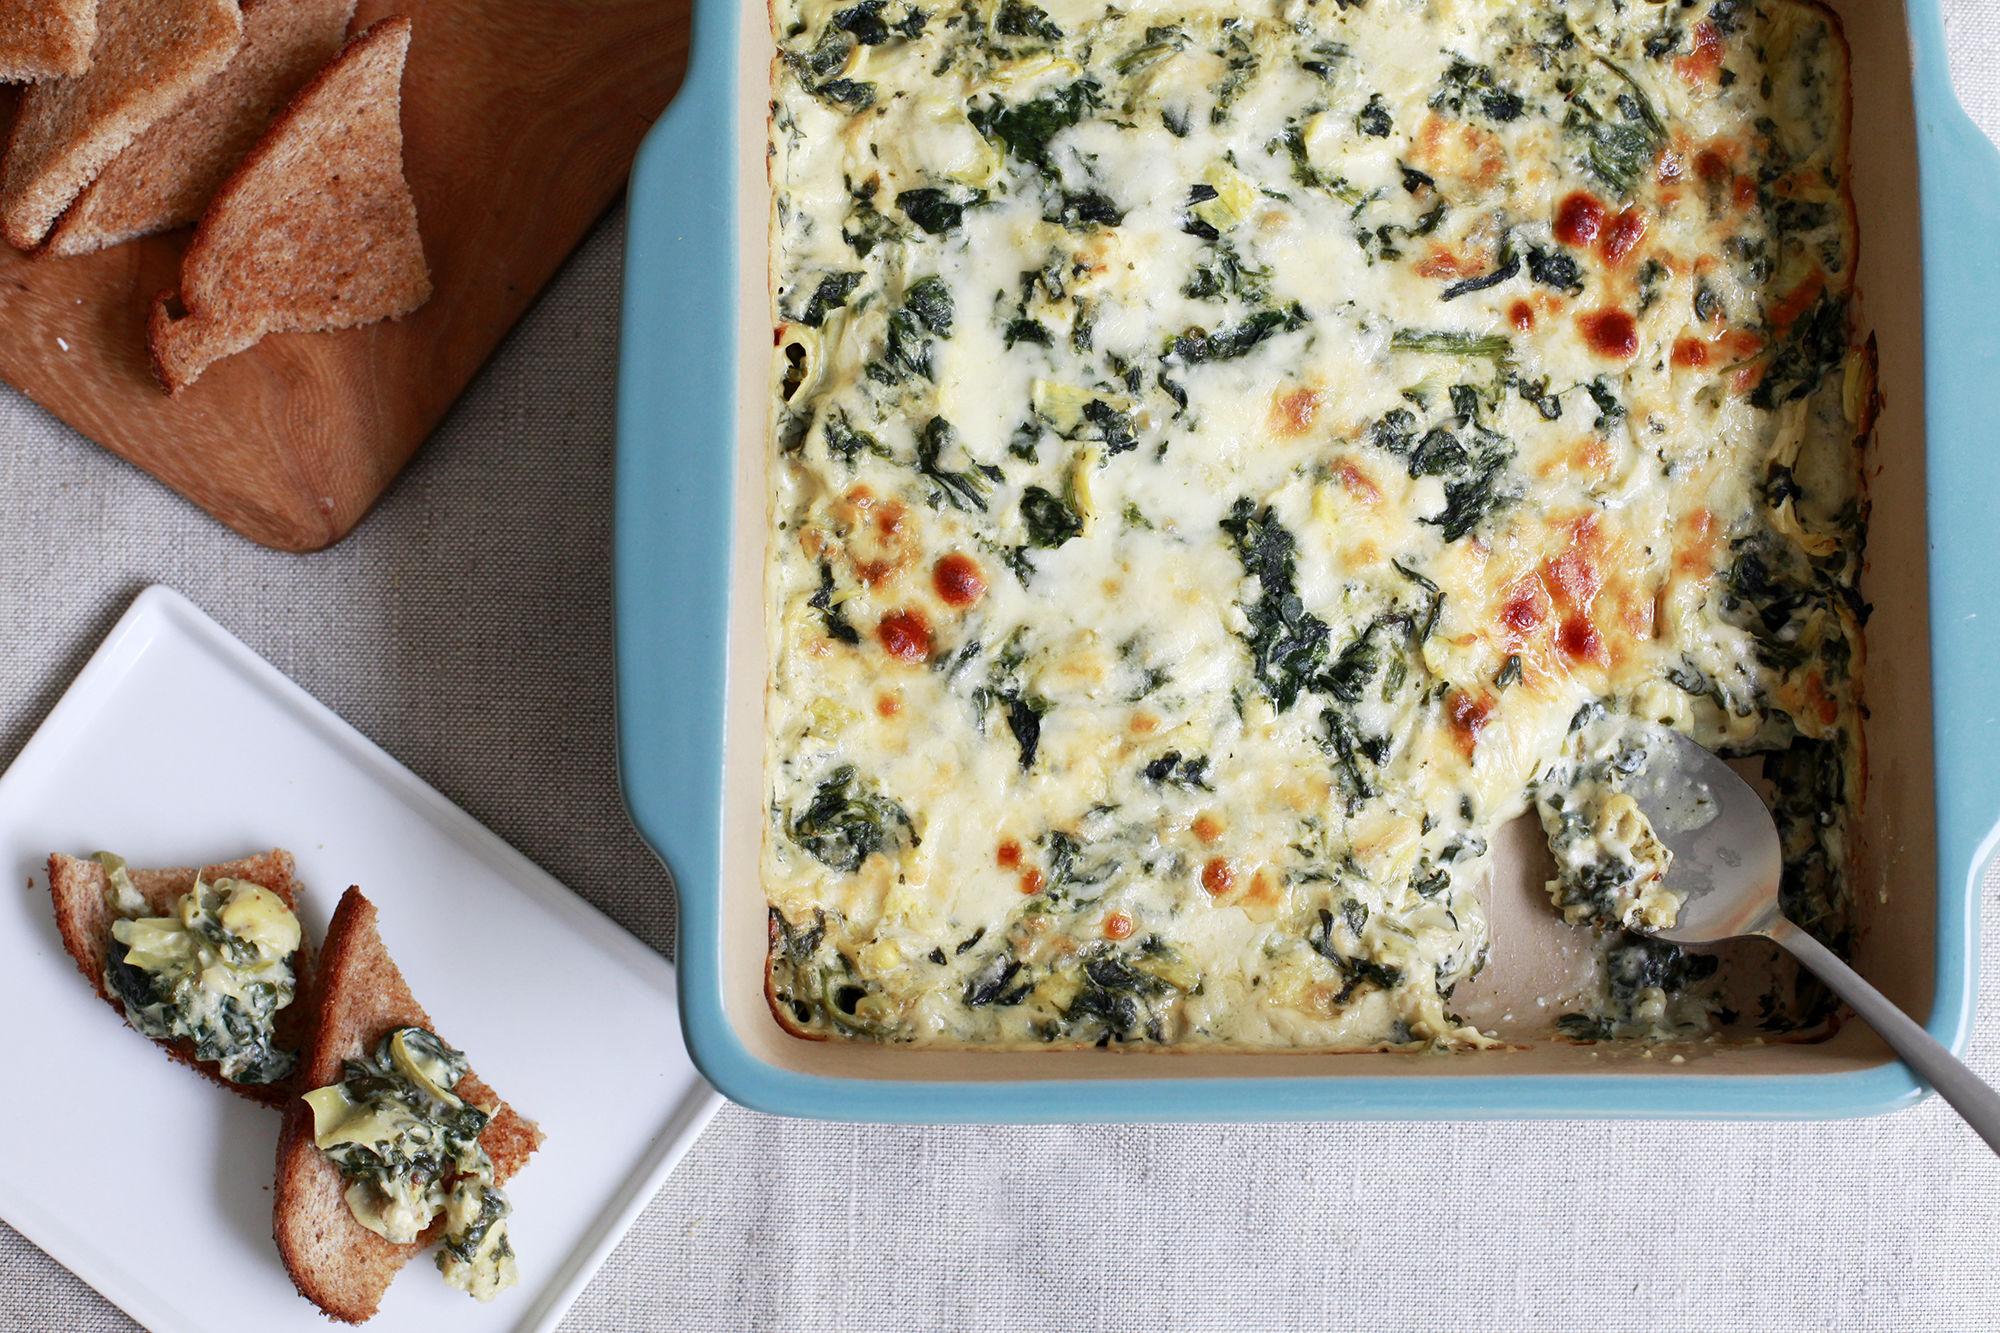 Copeland Spinach Artichoke Dip Recipe